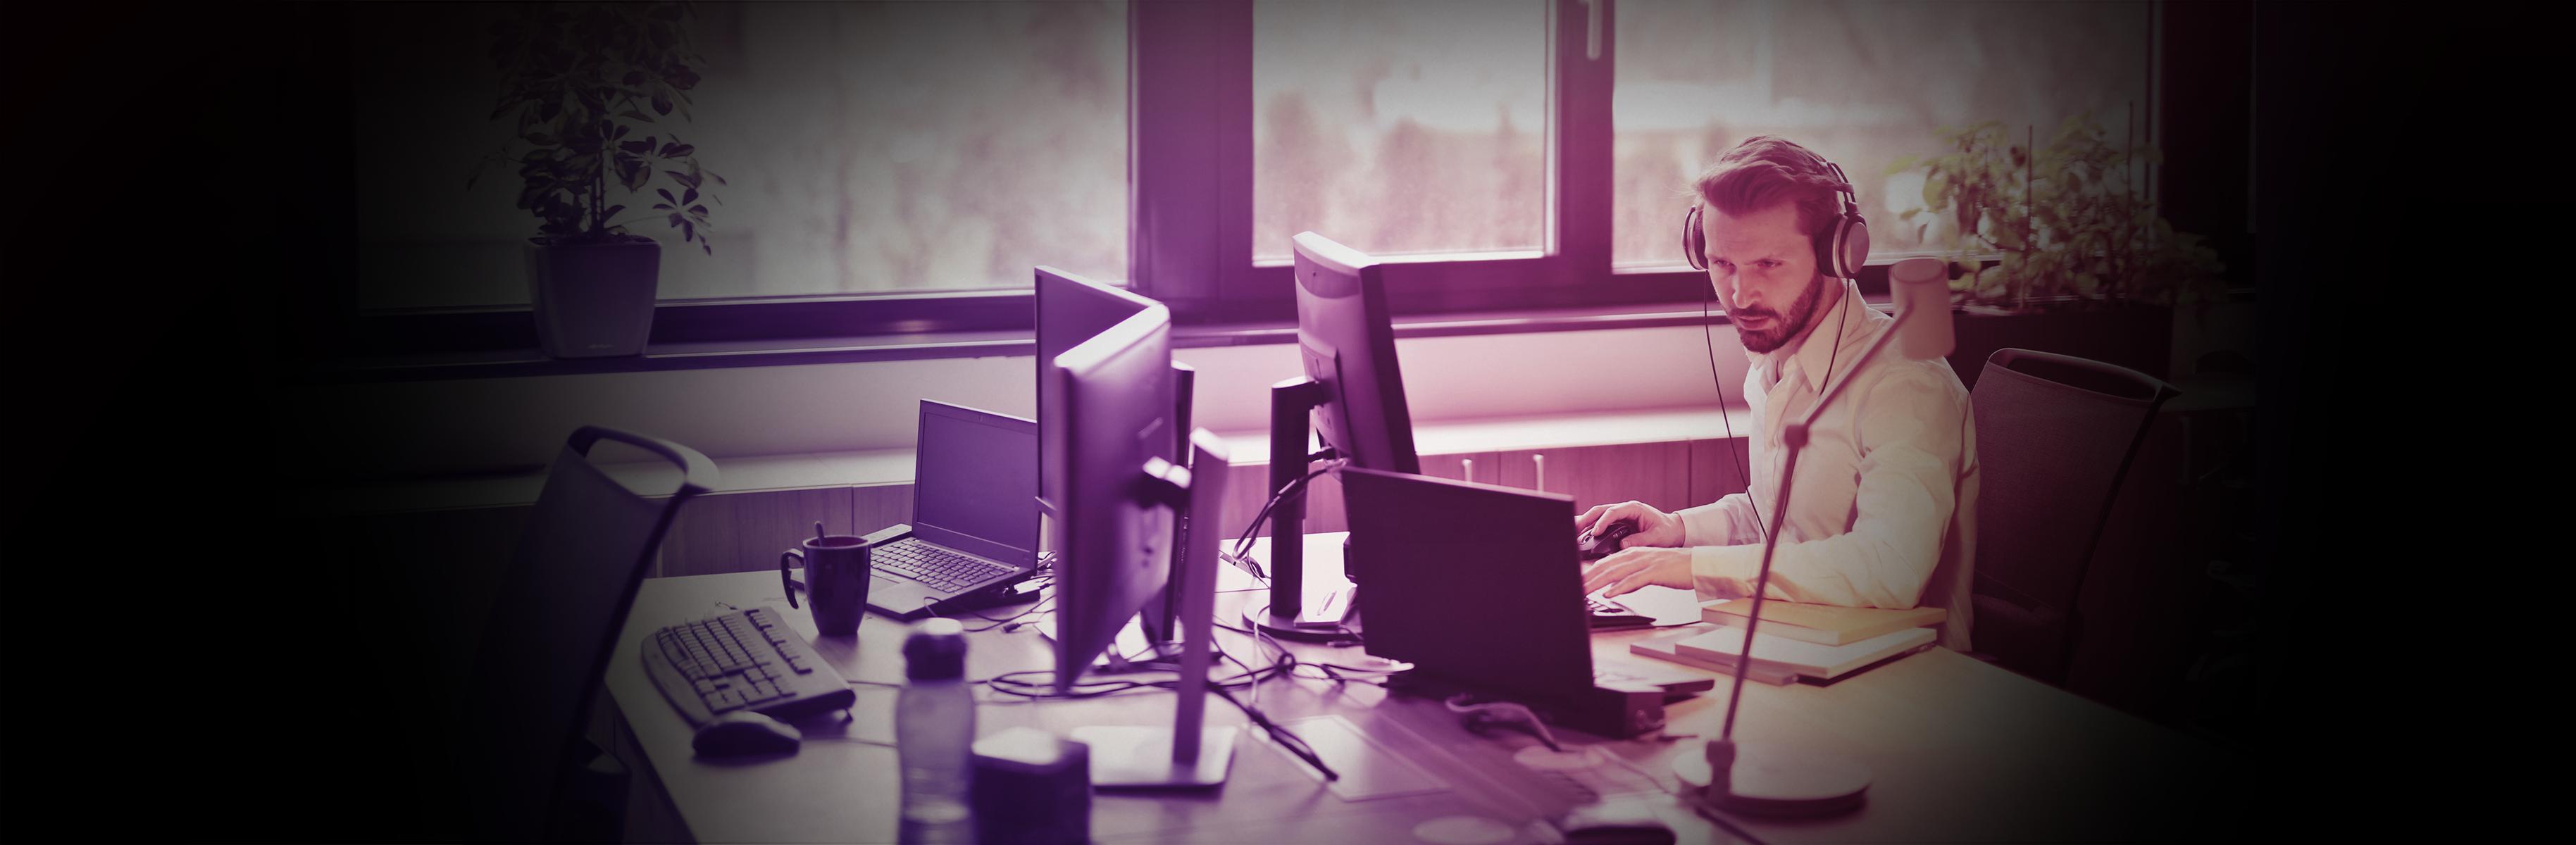 Como diminuir o tempo de resposta sem contratar mais pessoal